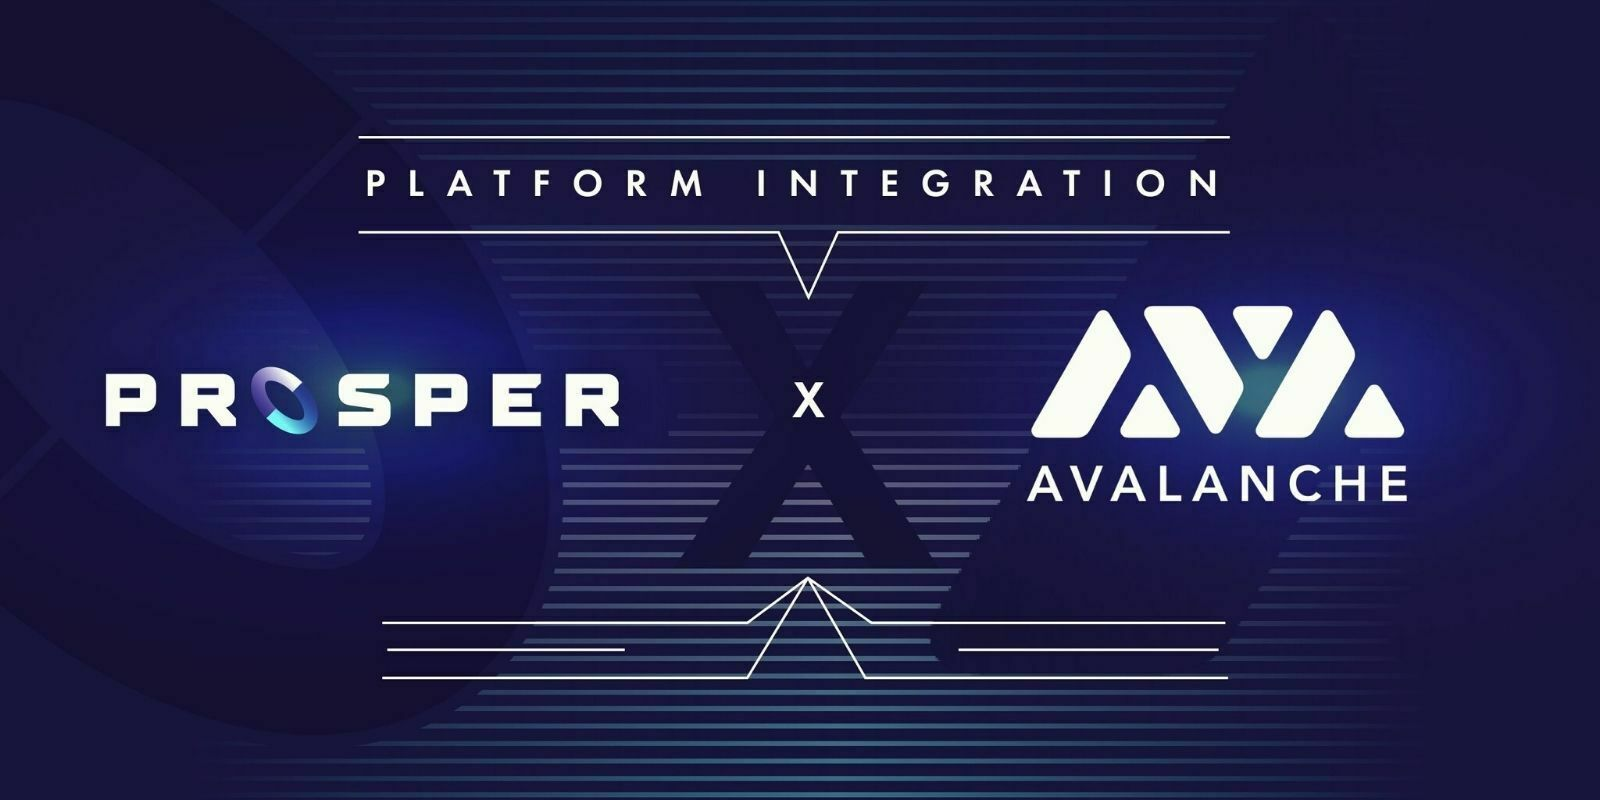 Le marché de prédictions Prosper (PROS) intègre Avalanche (AVAX) à son écosystème